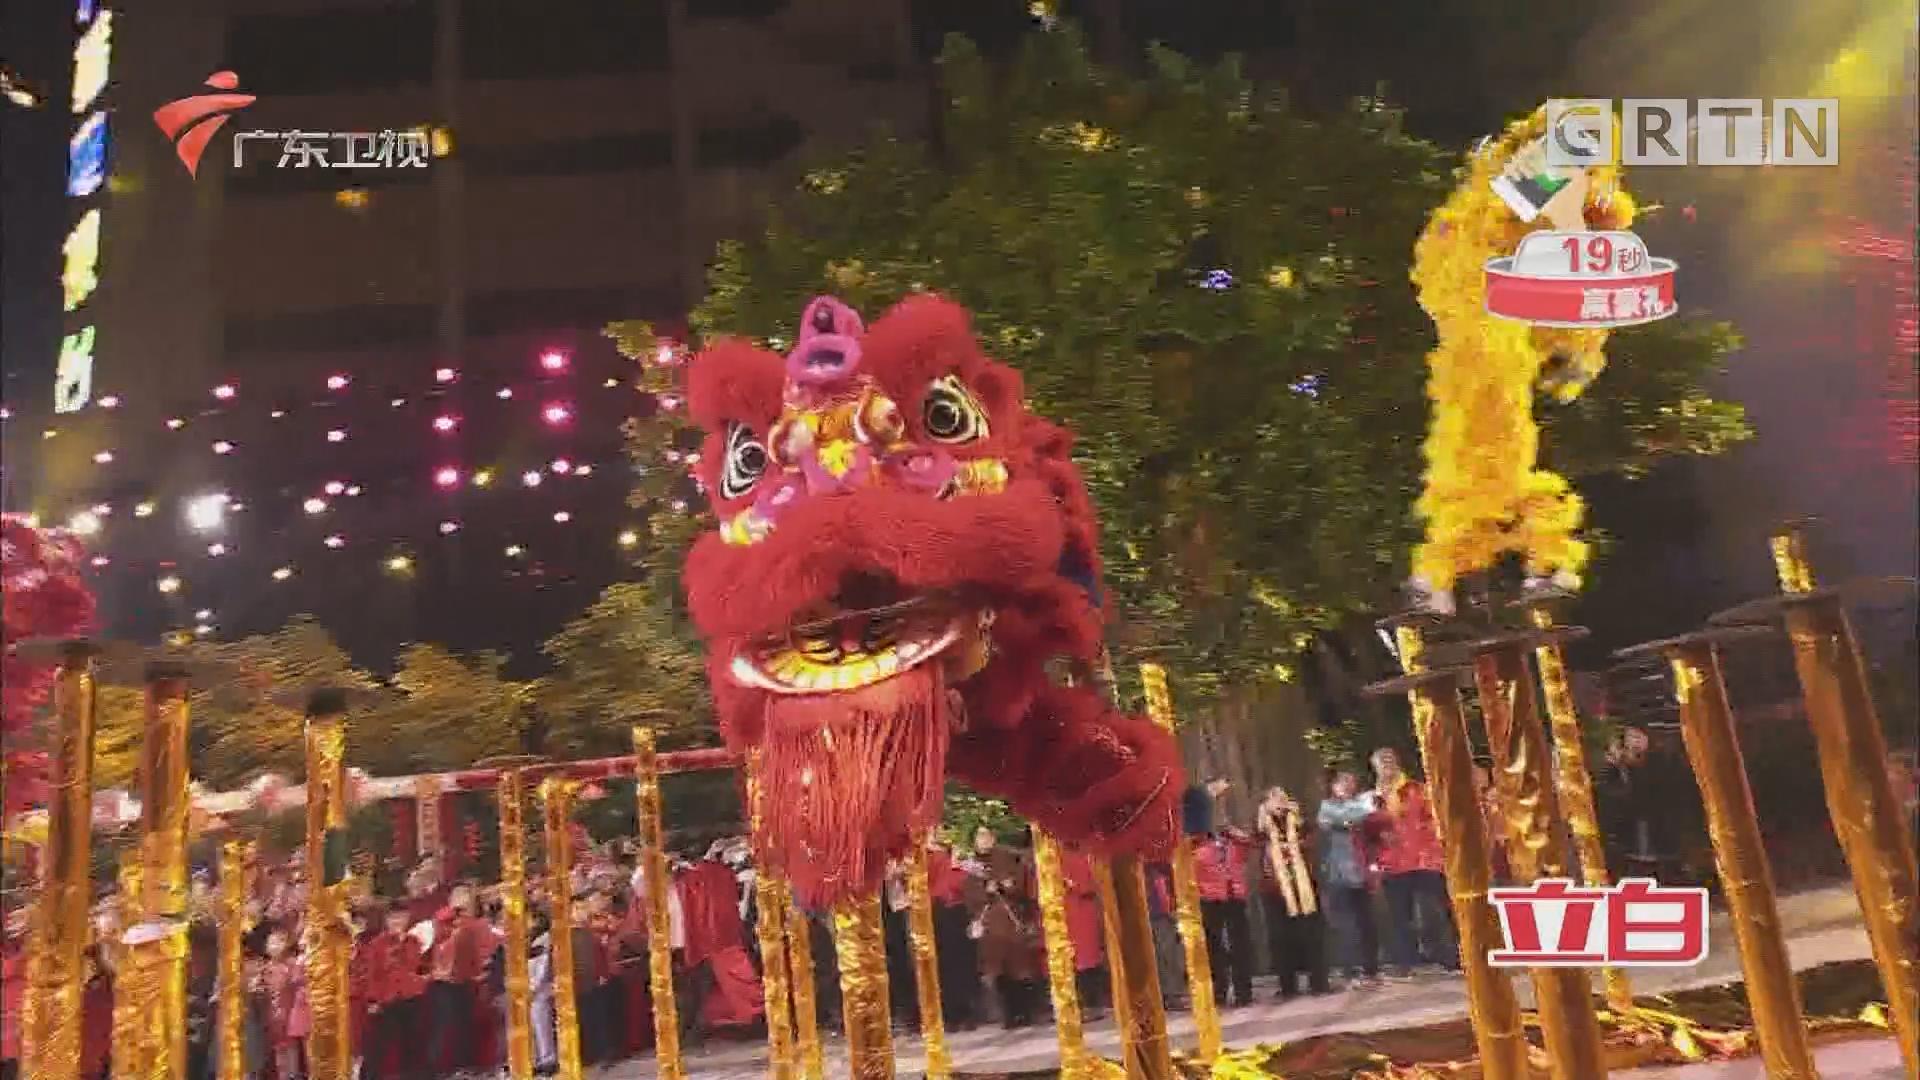 霸气!岭南醒狮惊现2019广东春晚,充满中国风的表演让全场惊艳